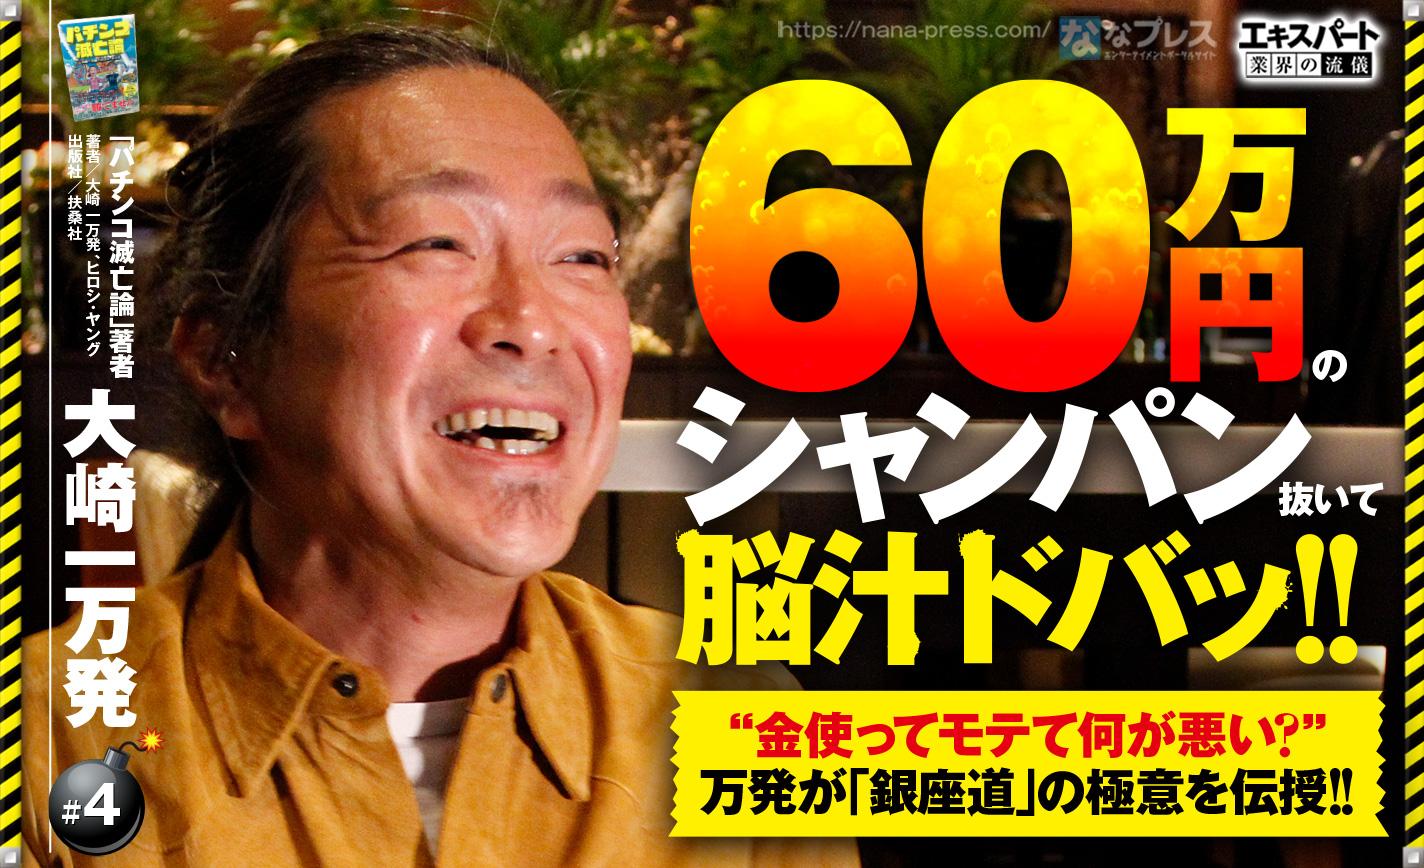 大崎一万発が伝えたい「キャバ嬢に100%モテる方法」とは? 個人的なニュースを振り返る! eyecatch-image